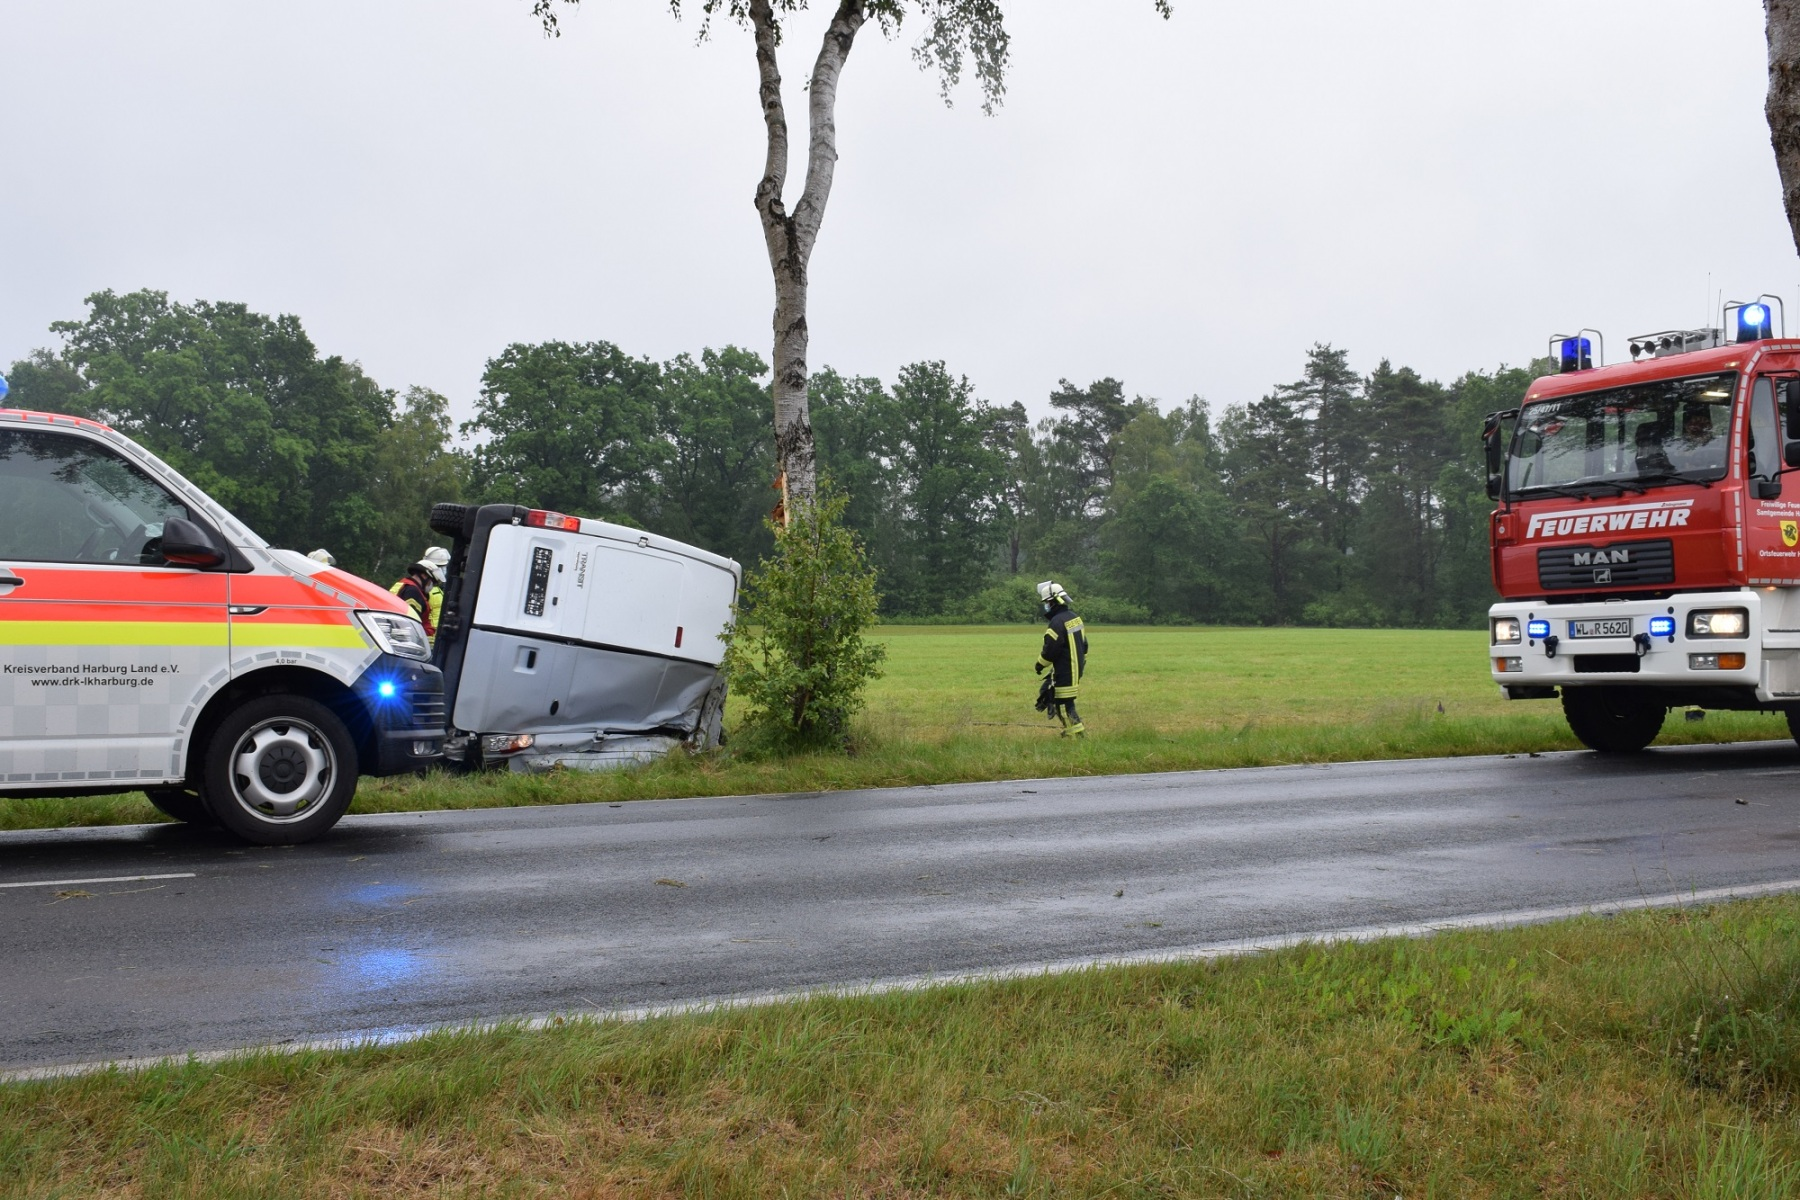 2020_06_11_Verkehrsunfall-Hanstedt-Bild-5